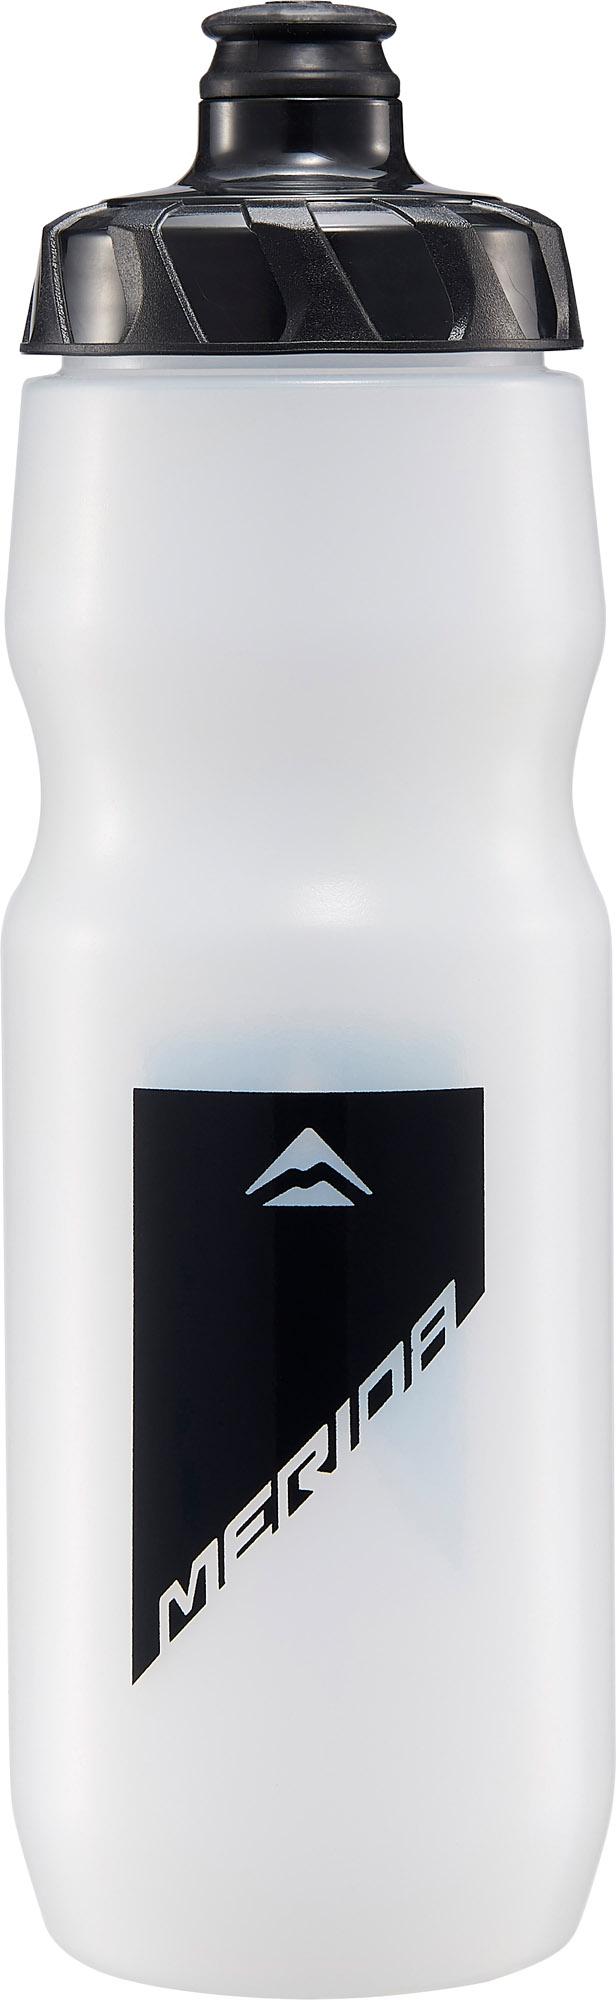 Kulacs MERIDA átlátszó, 800ml (fekete design) - zárókupakkal - 4070